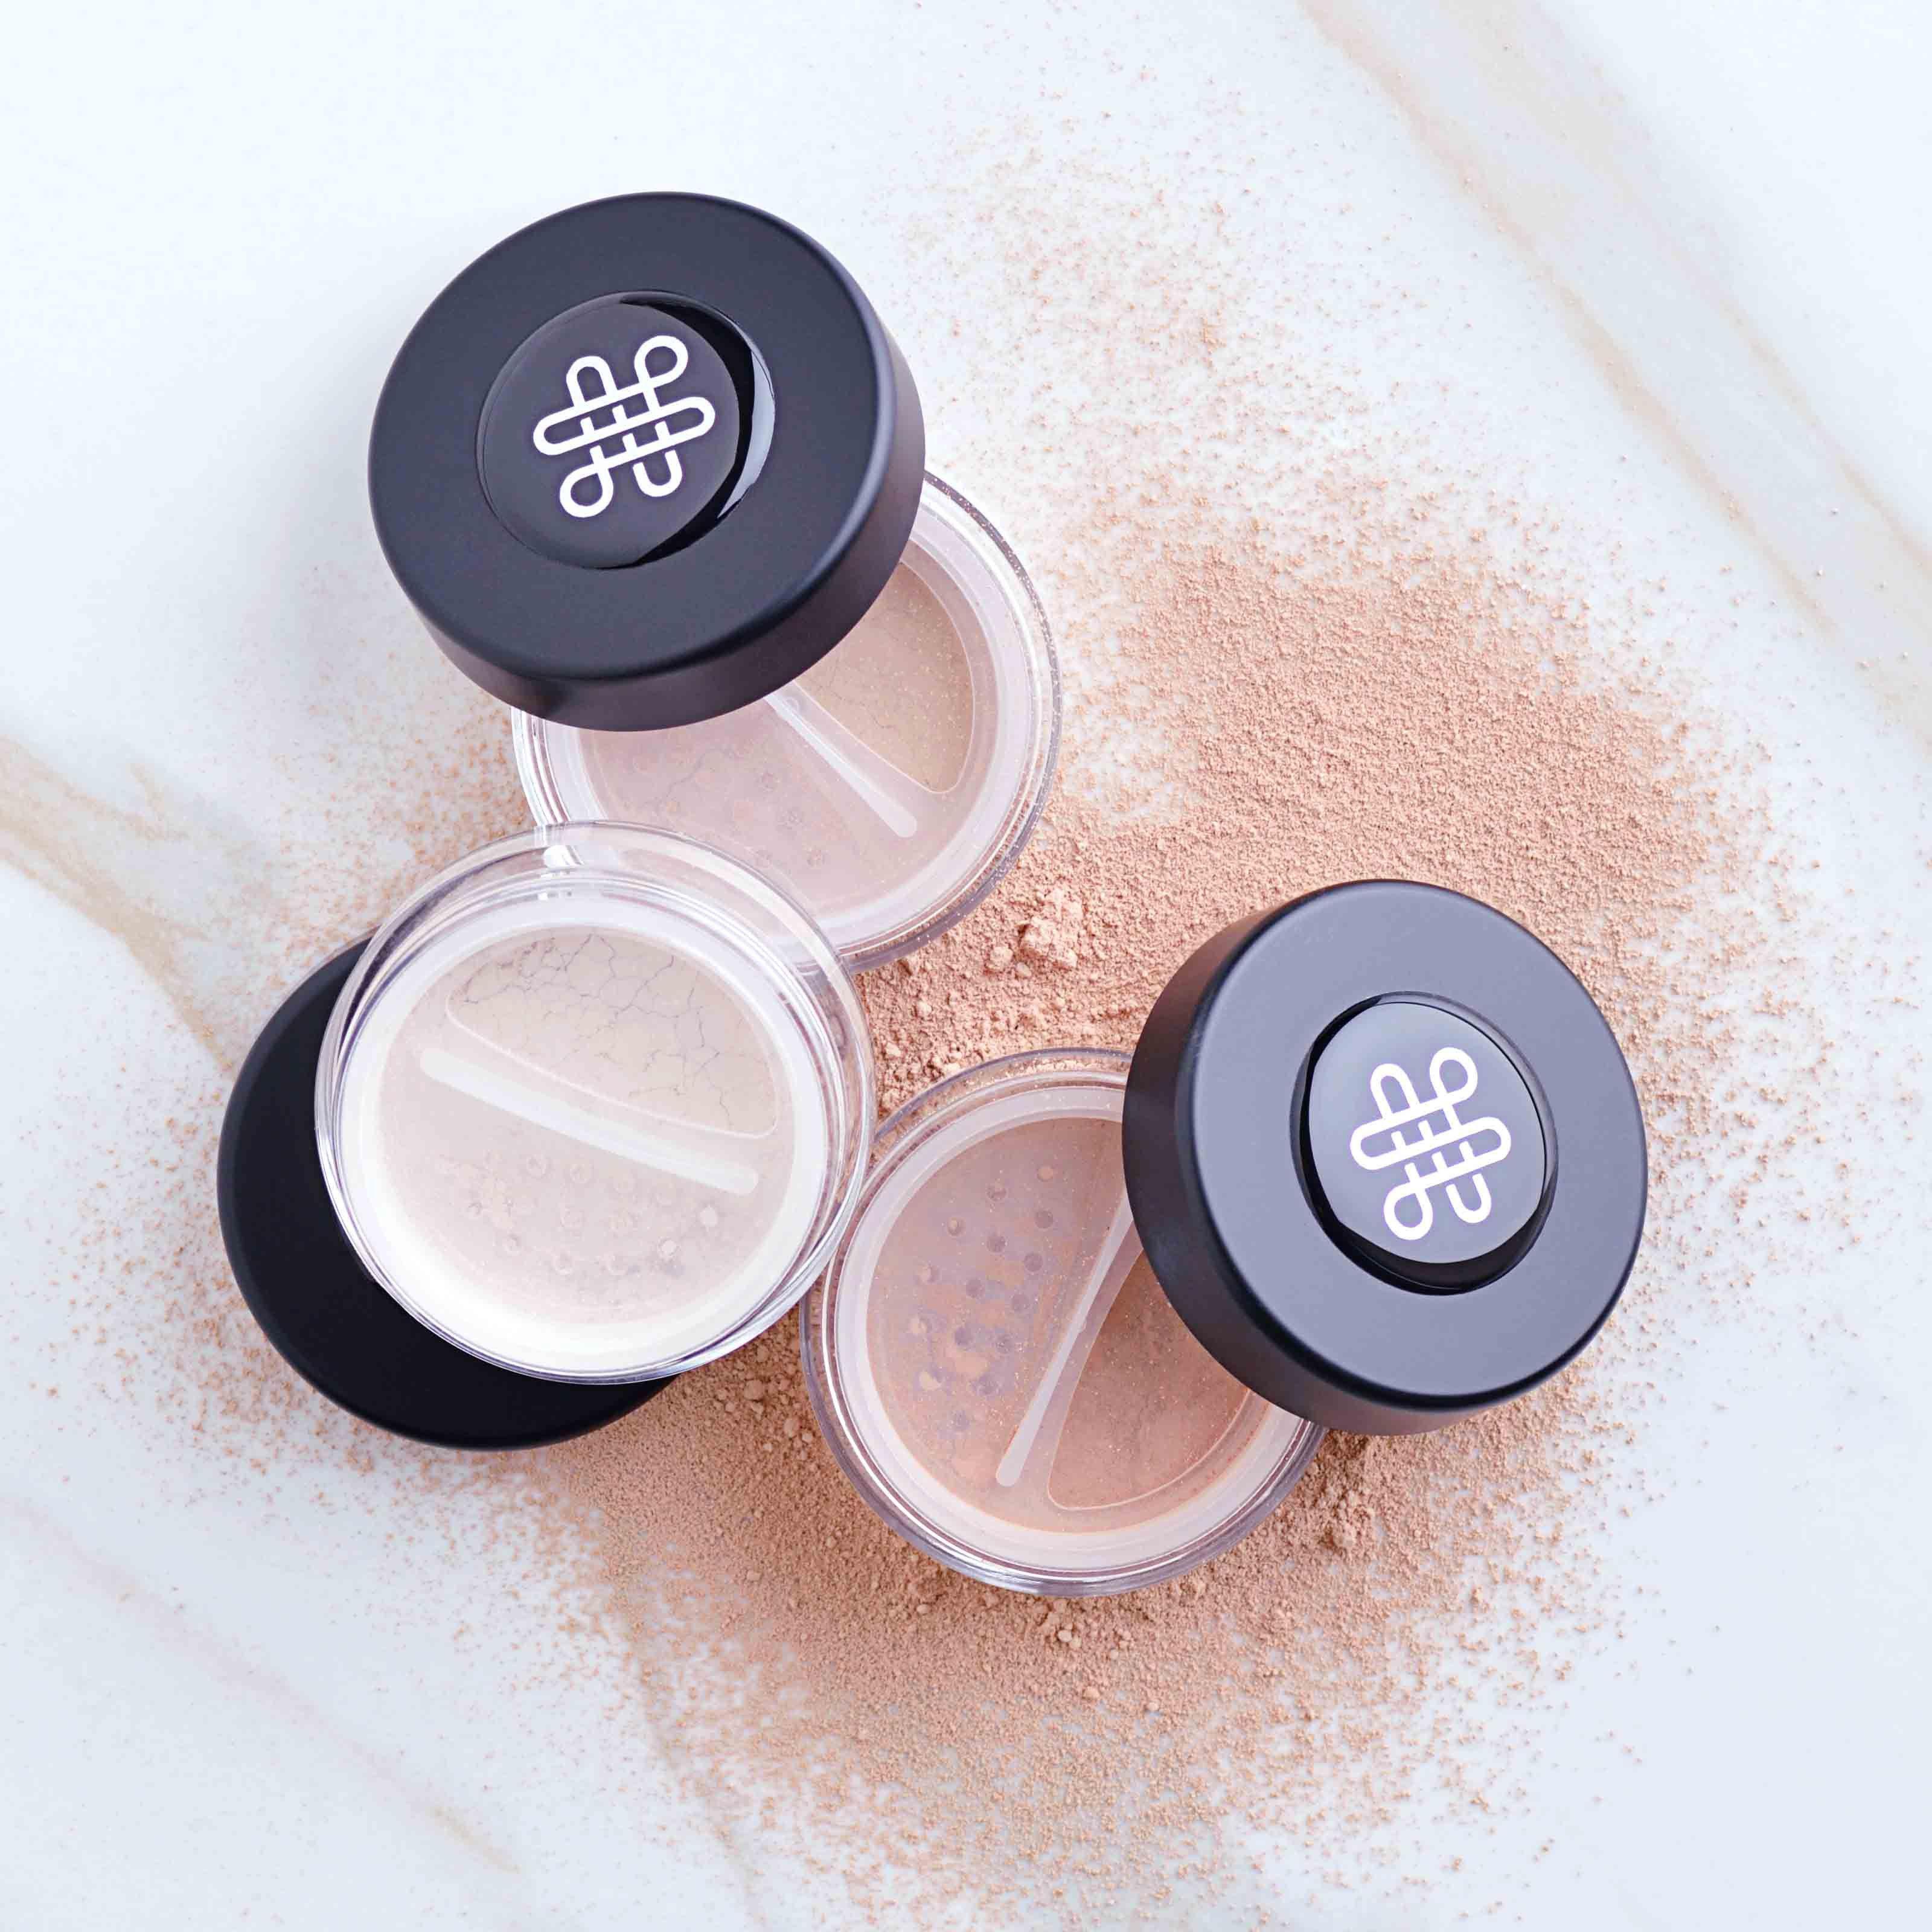 Titanium dioxidefree makeup or micafree makeup is our